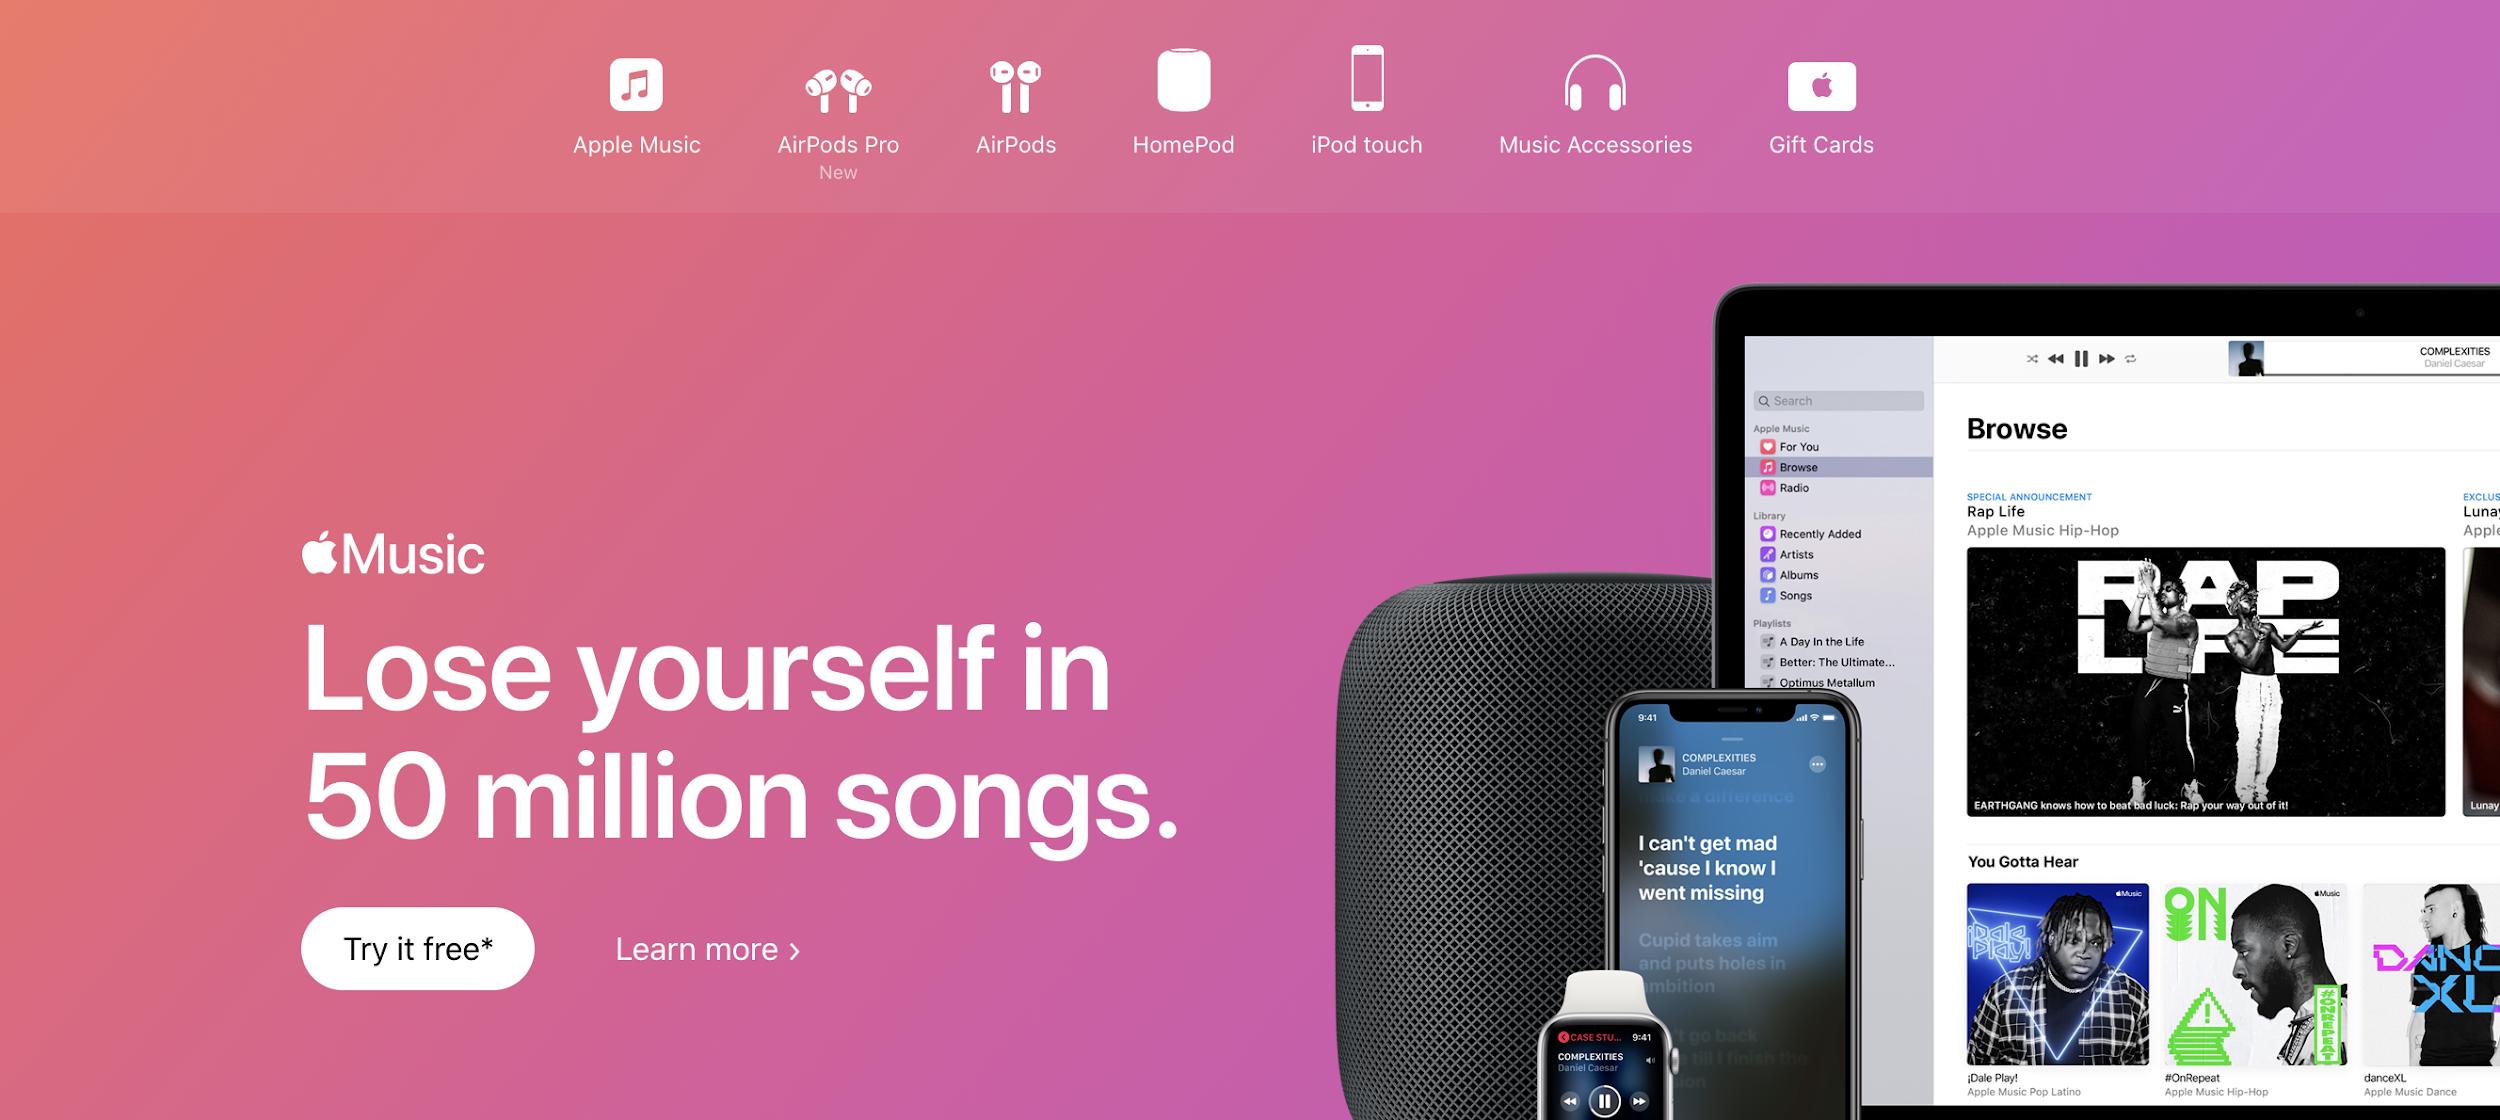 Apple Music como exemplo de plataforma digitais para música